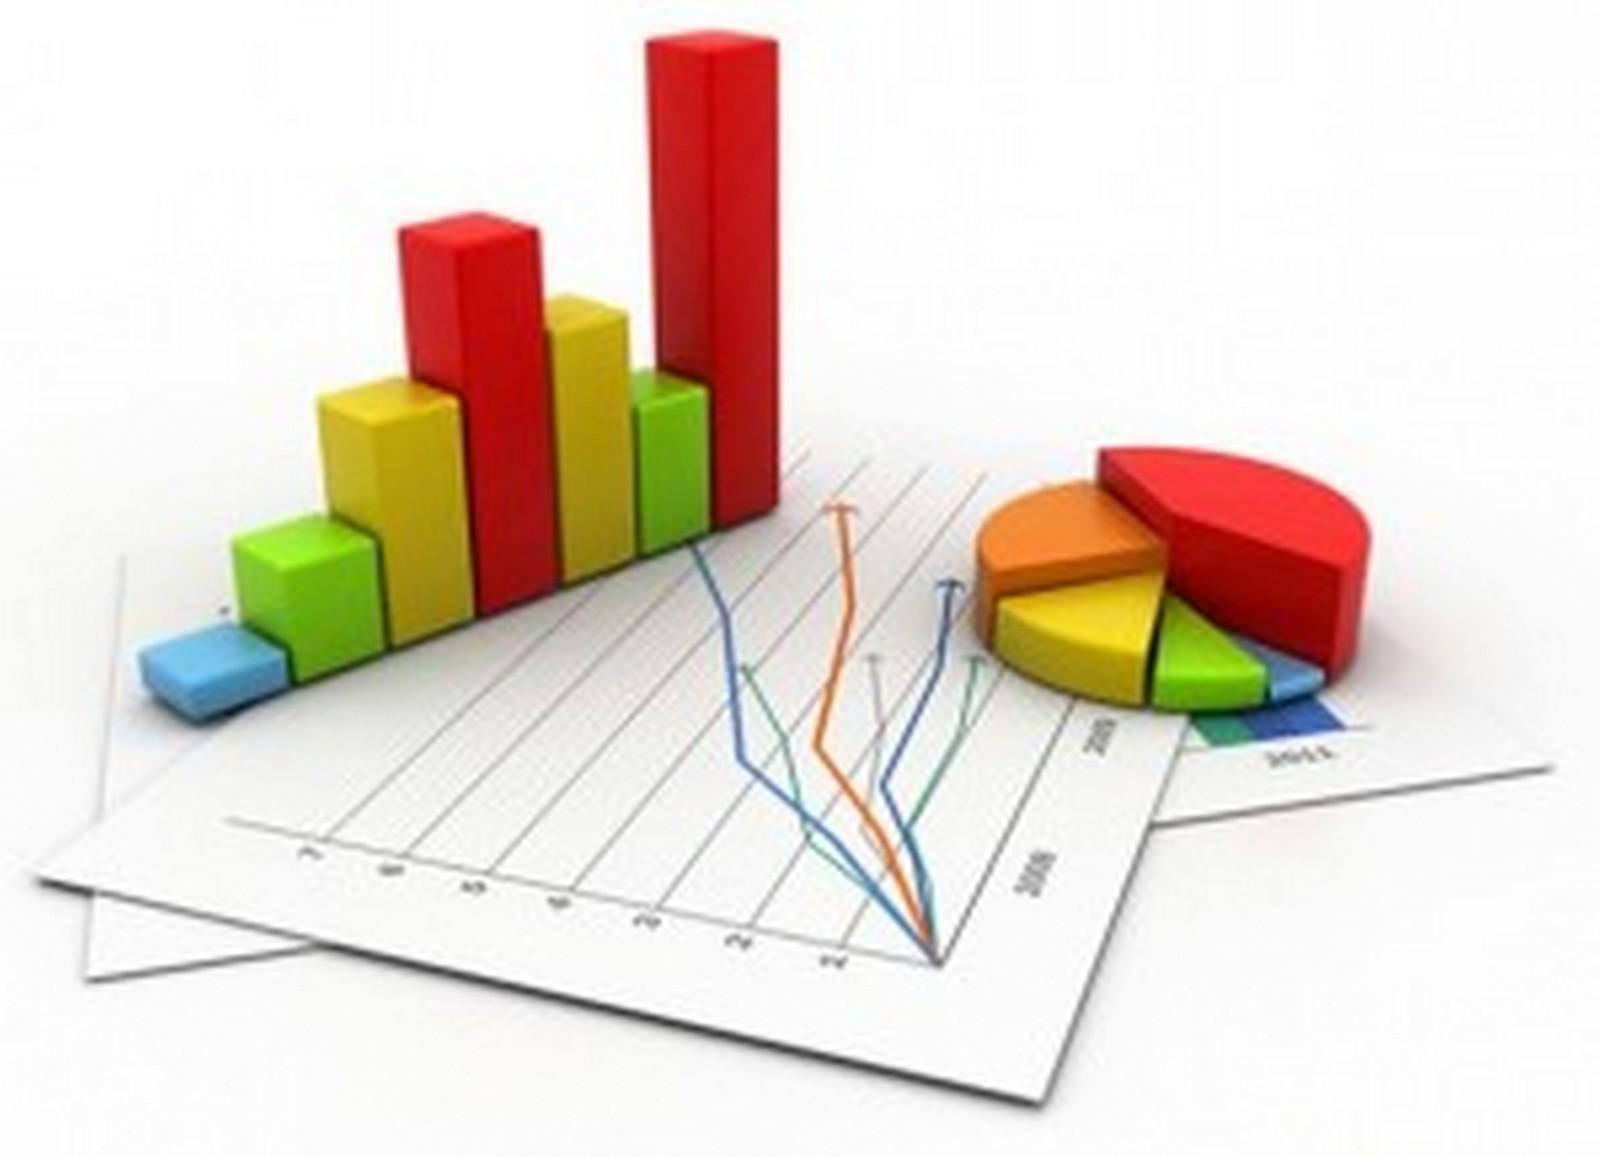 İdxal və ixrac mallarının qiymət indeksləri